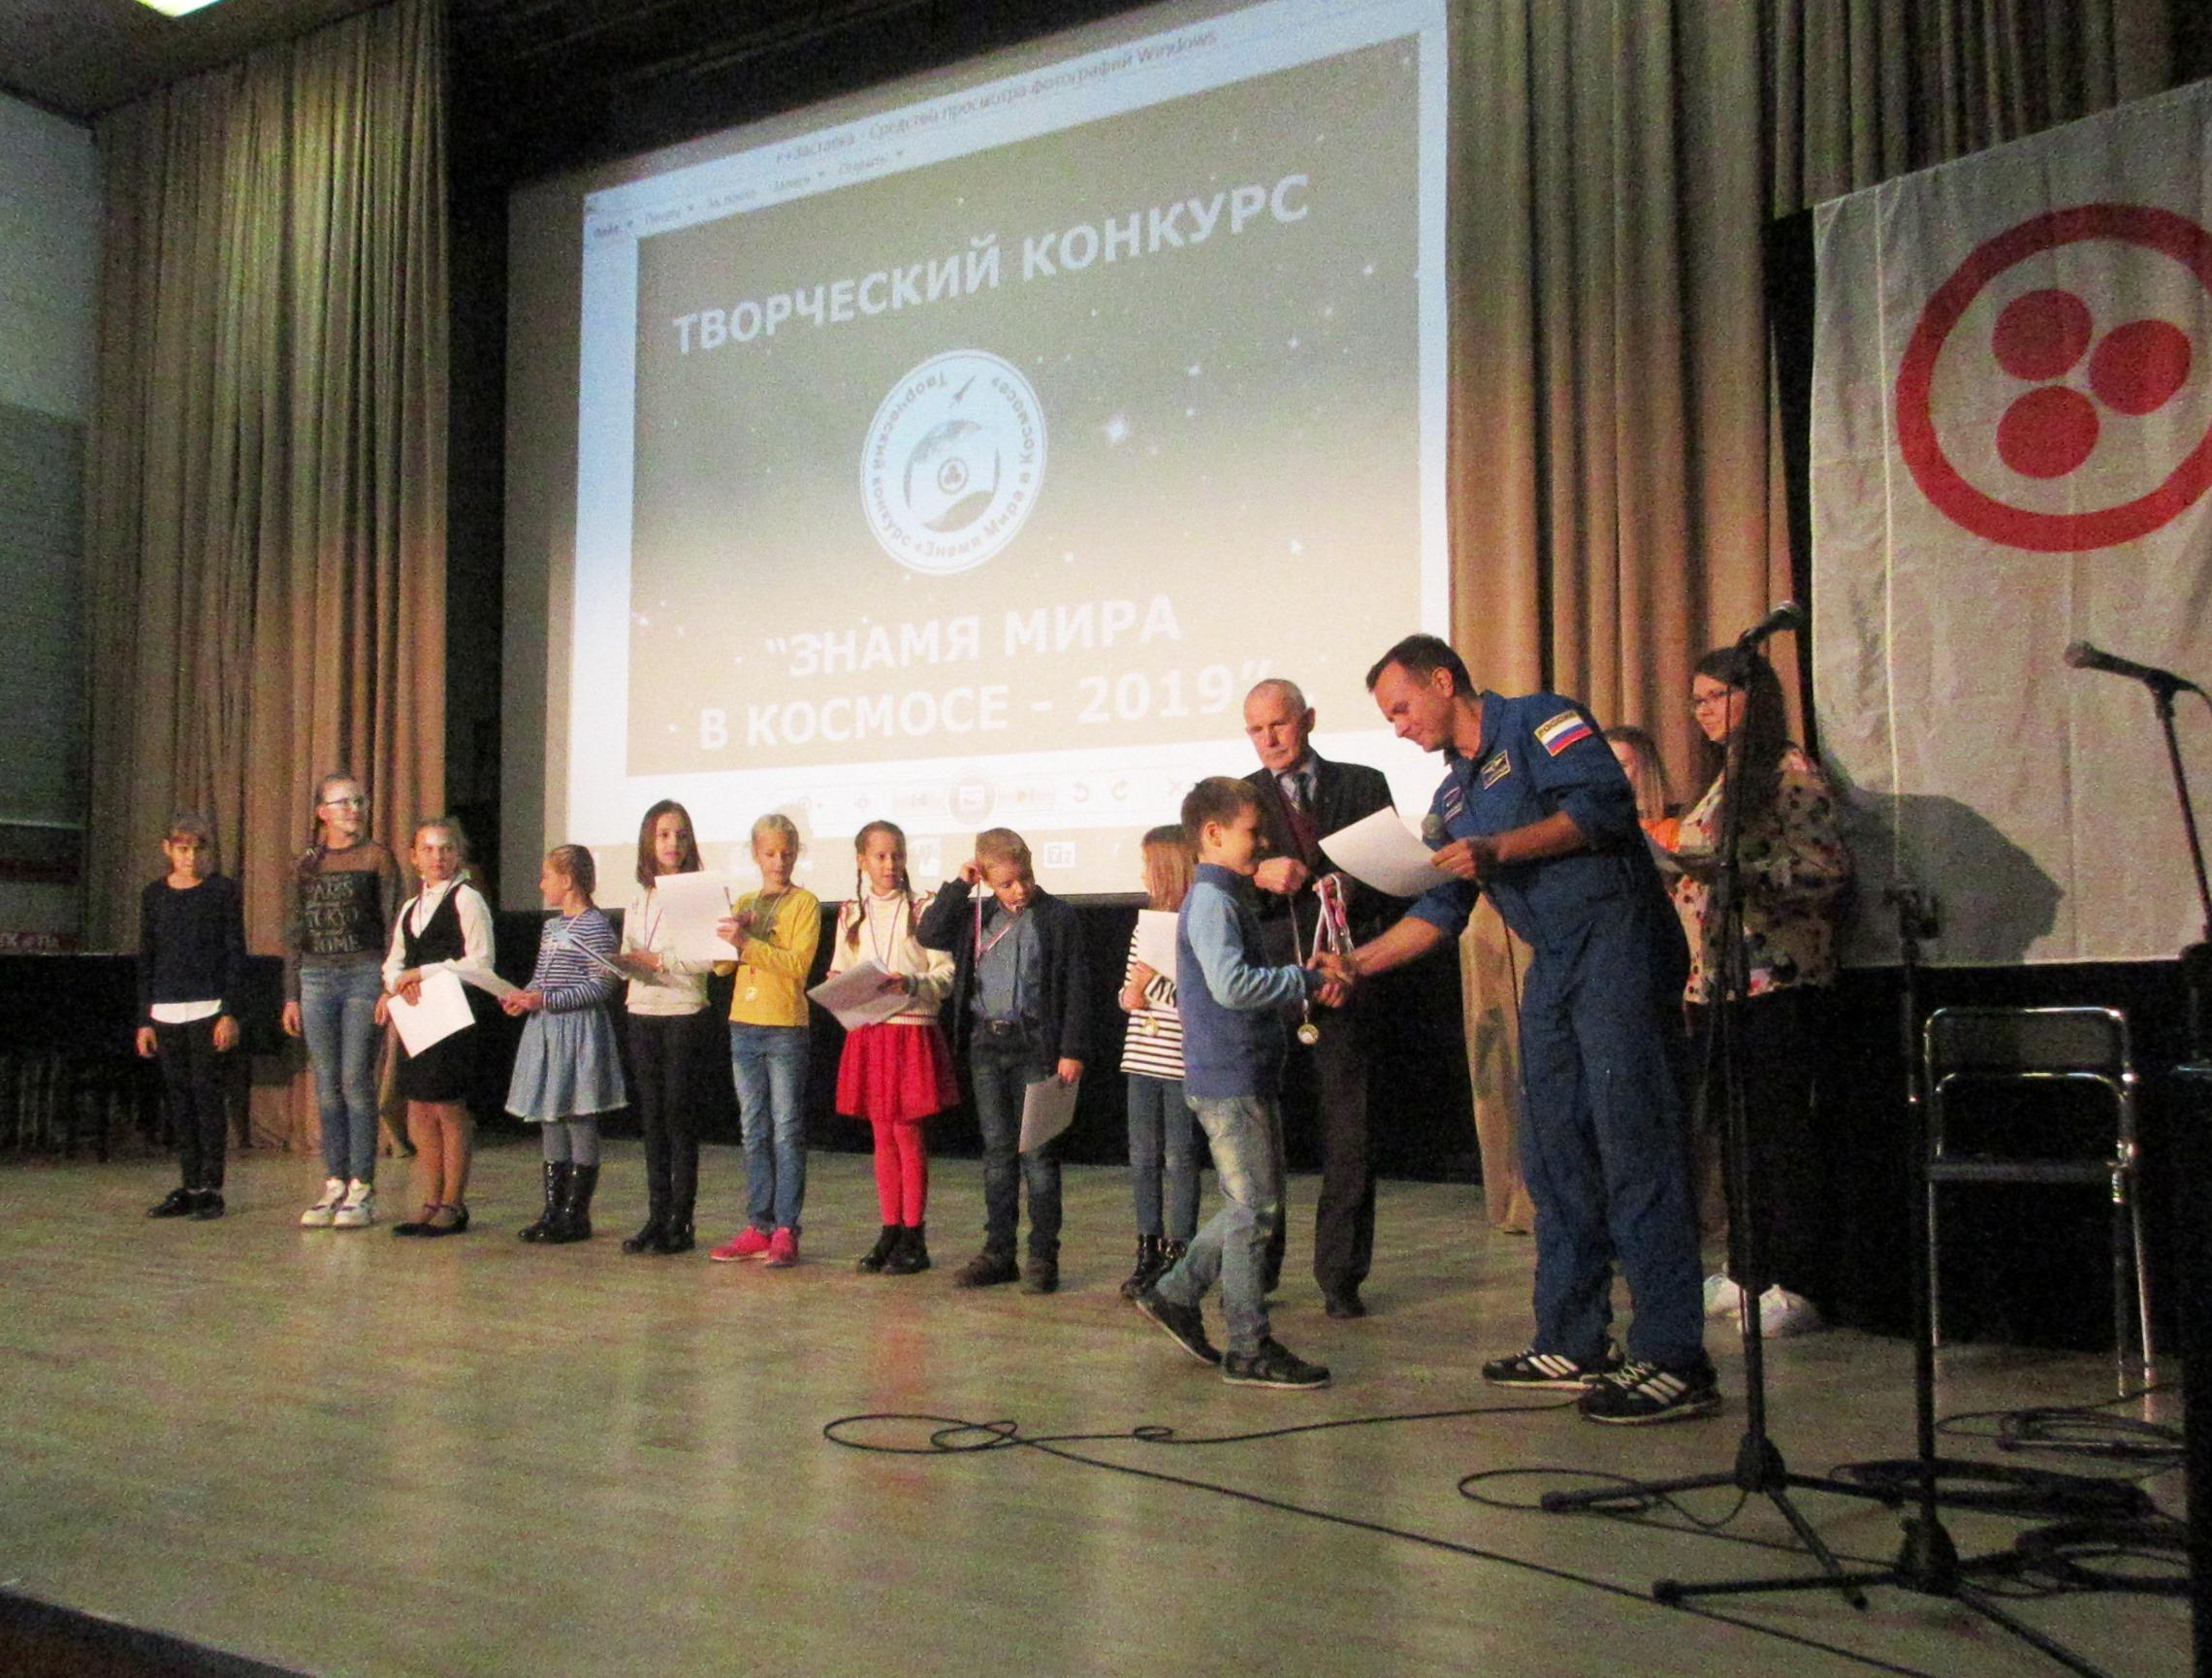 2.Награждение призеров младшеи возрастнои группы